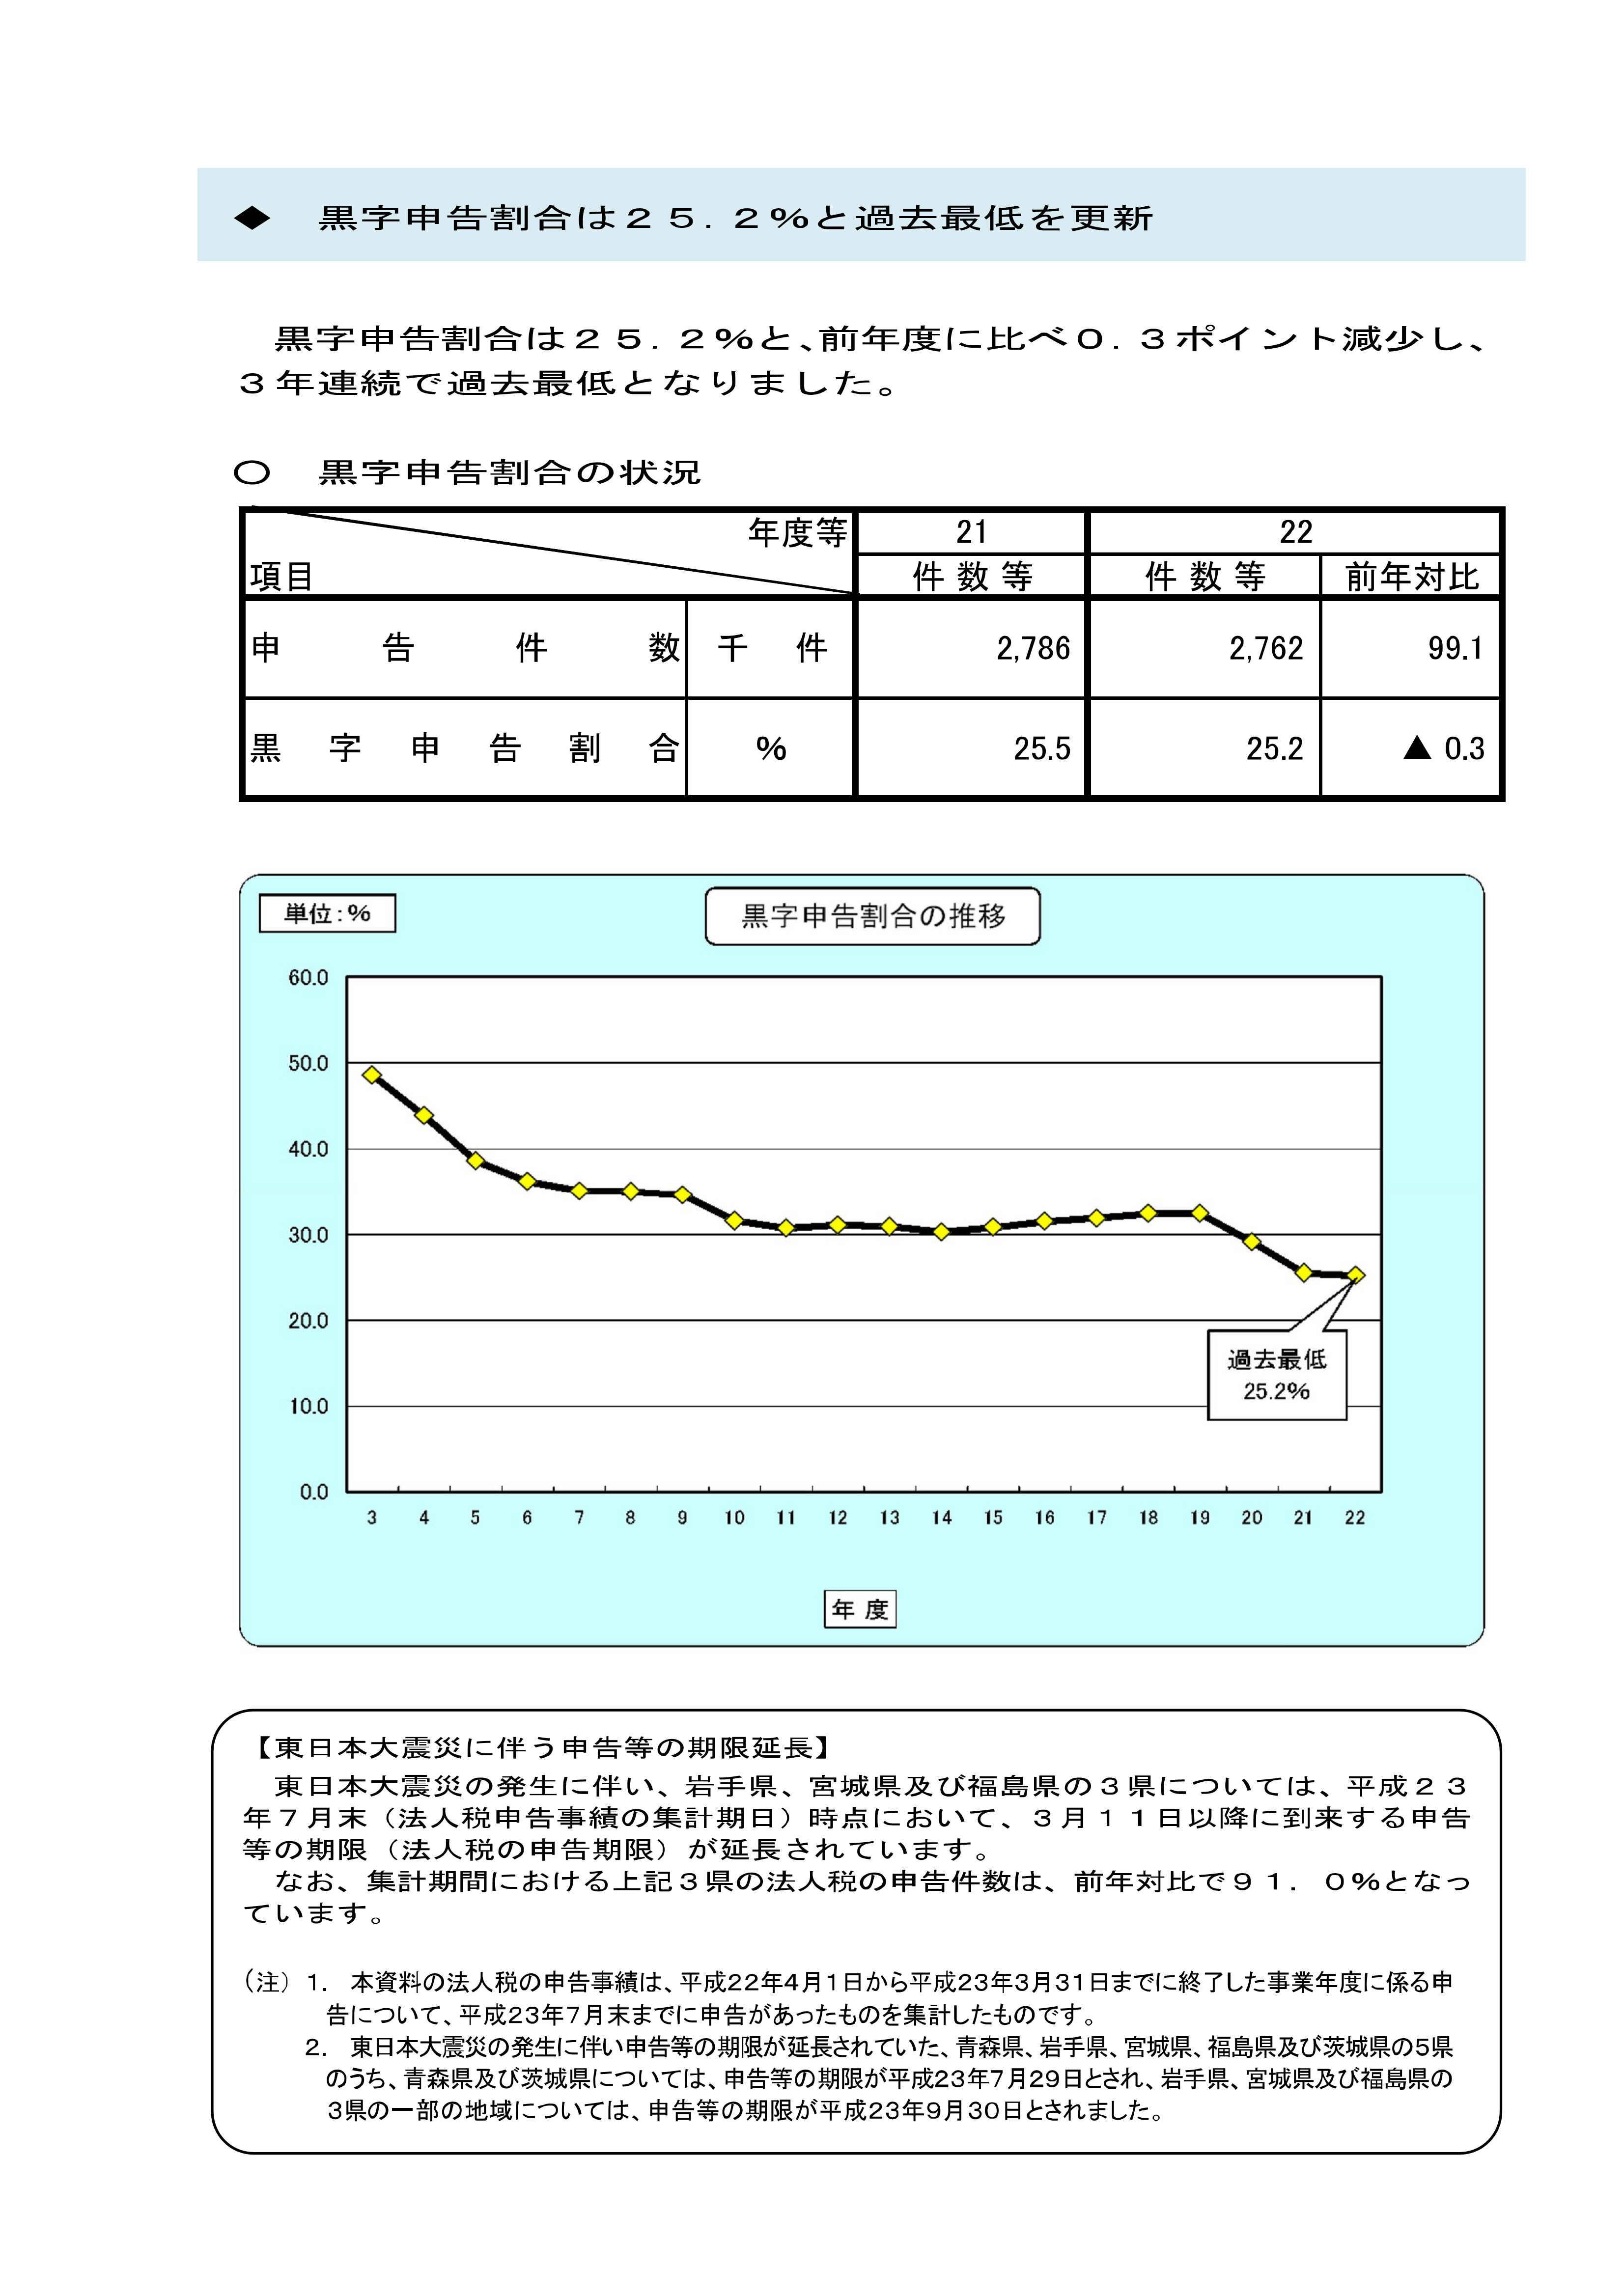 黒字割合1-1.jpg